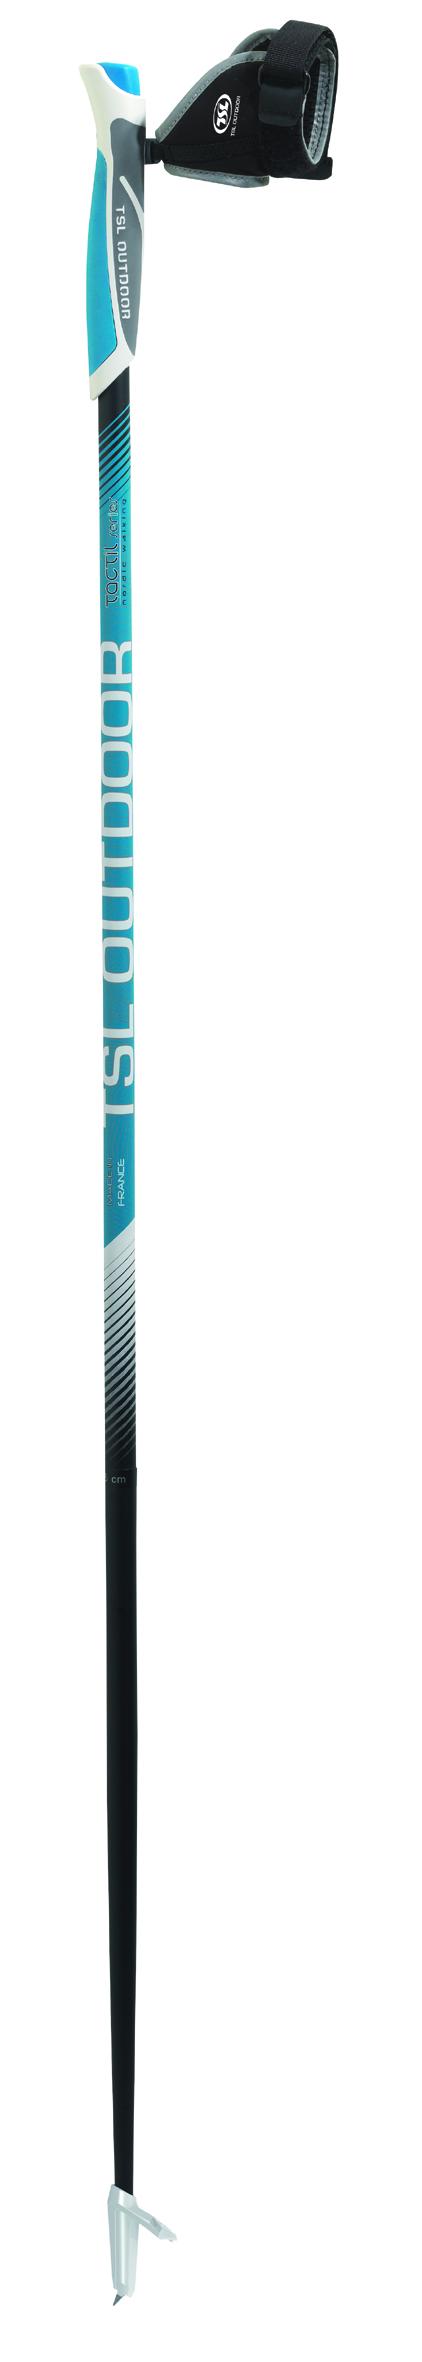 TSL Outdoor - Tactil C20 Spike - Nordic walking poles